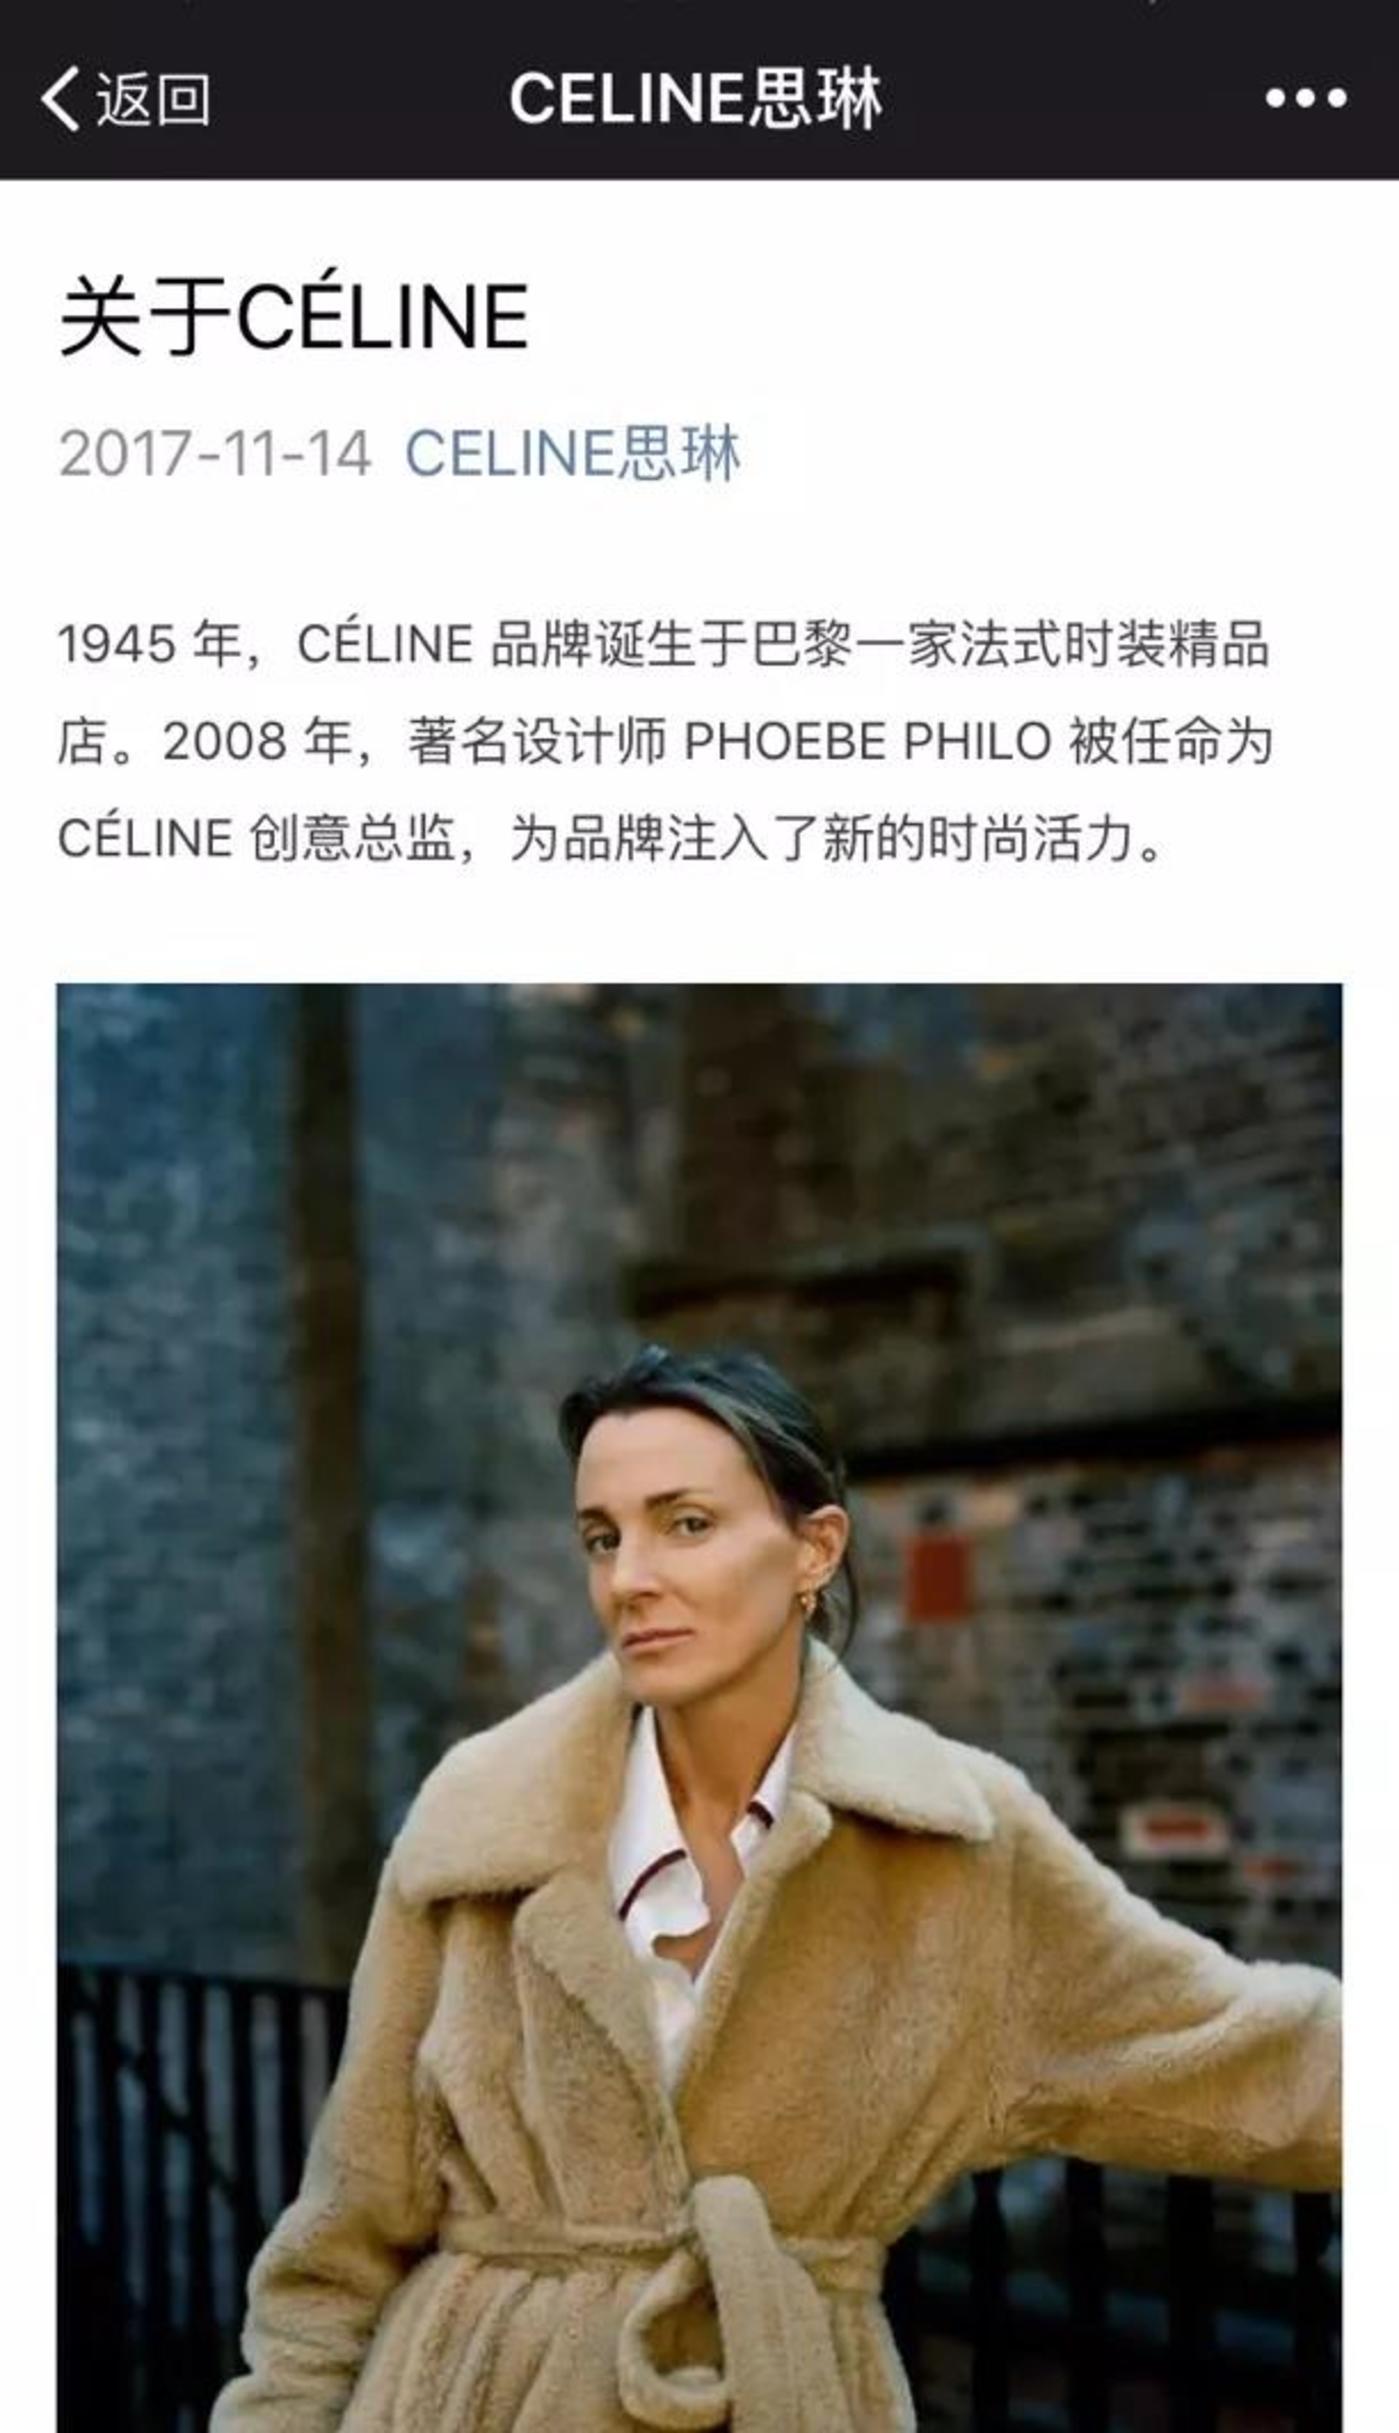 图为Céline首篇微信推文《关于CÉLINE》截图